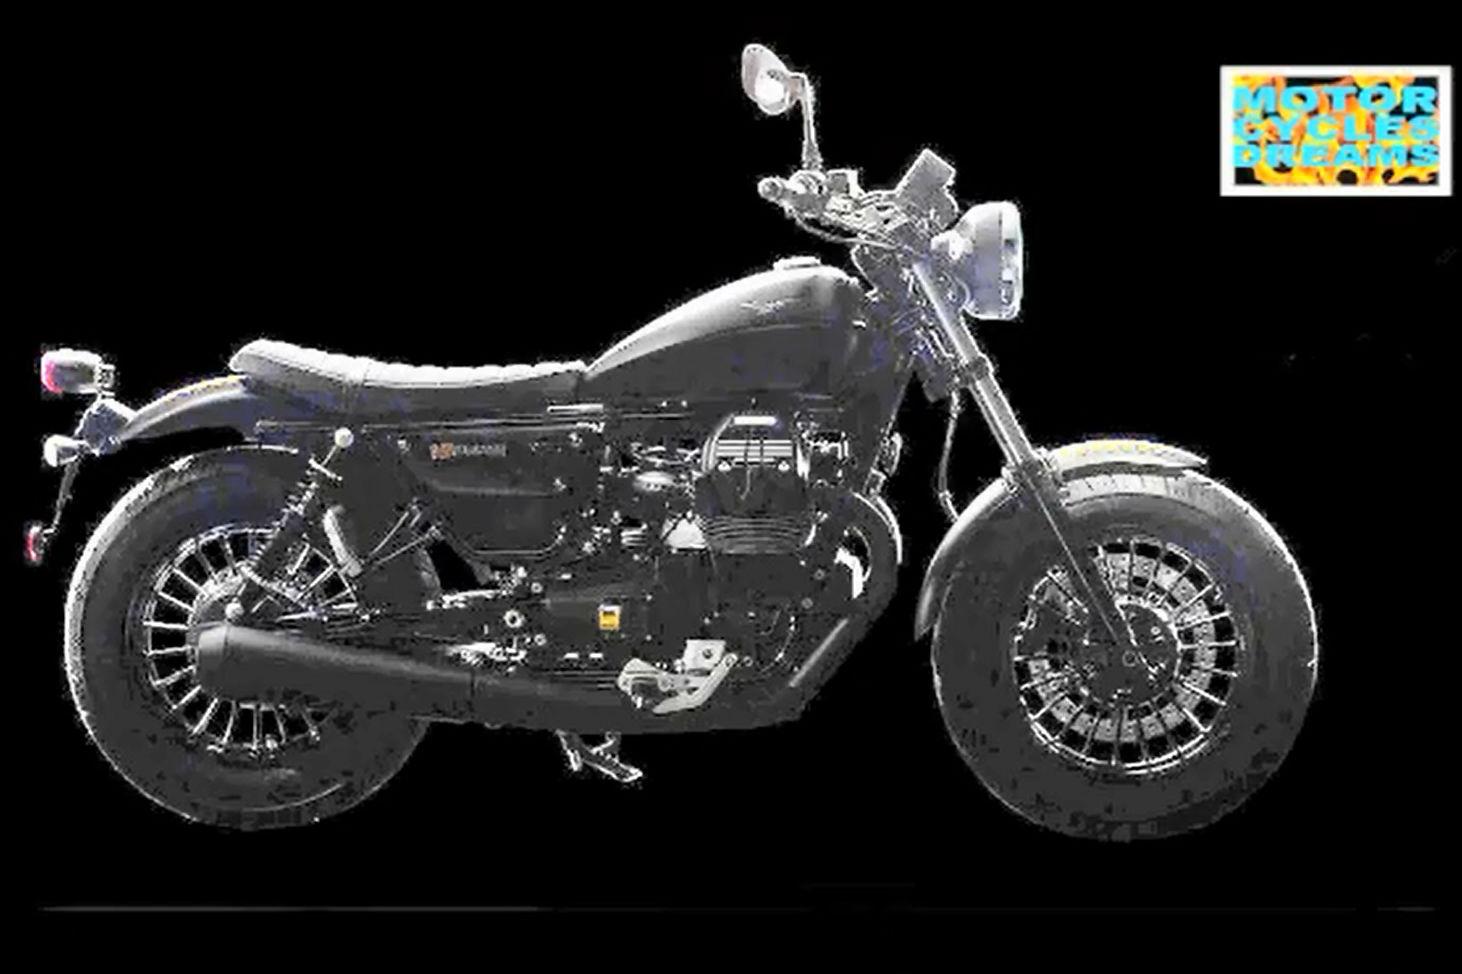 Moto Guzzi V9 revealed